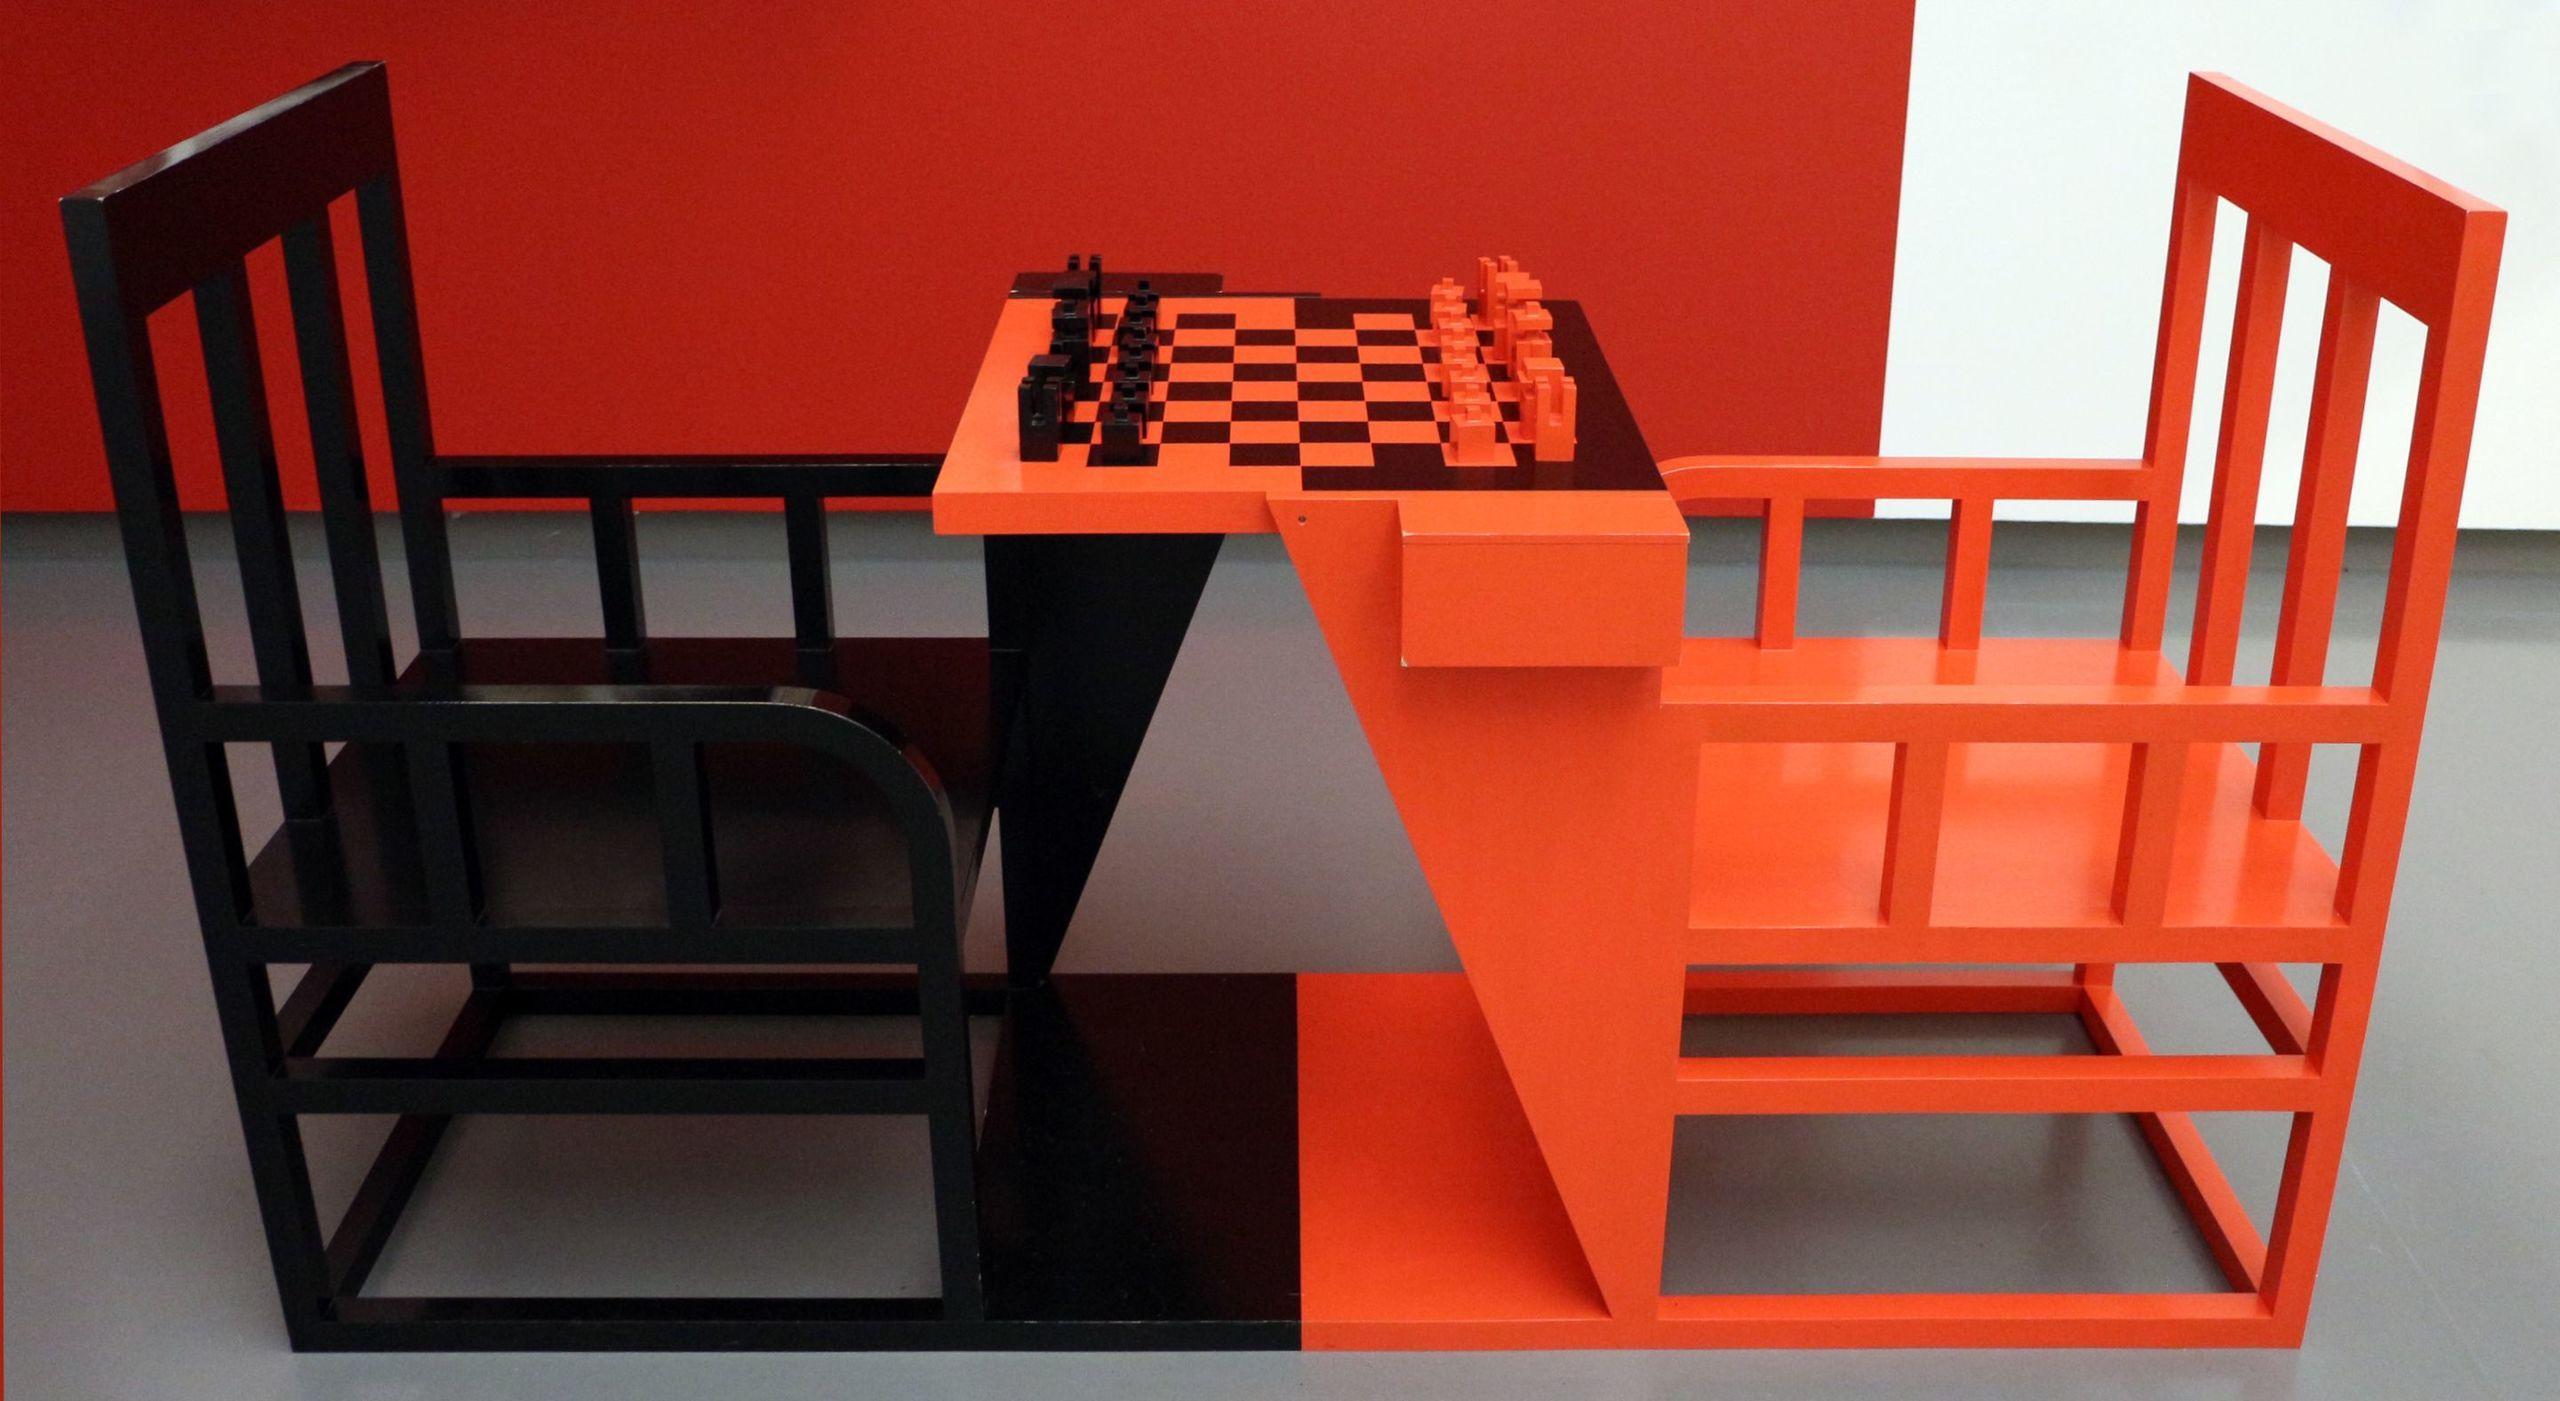 Alexandr rodchenko scacchi da dopolavoro pro taz 1925 ricostruito nel 2007 01